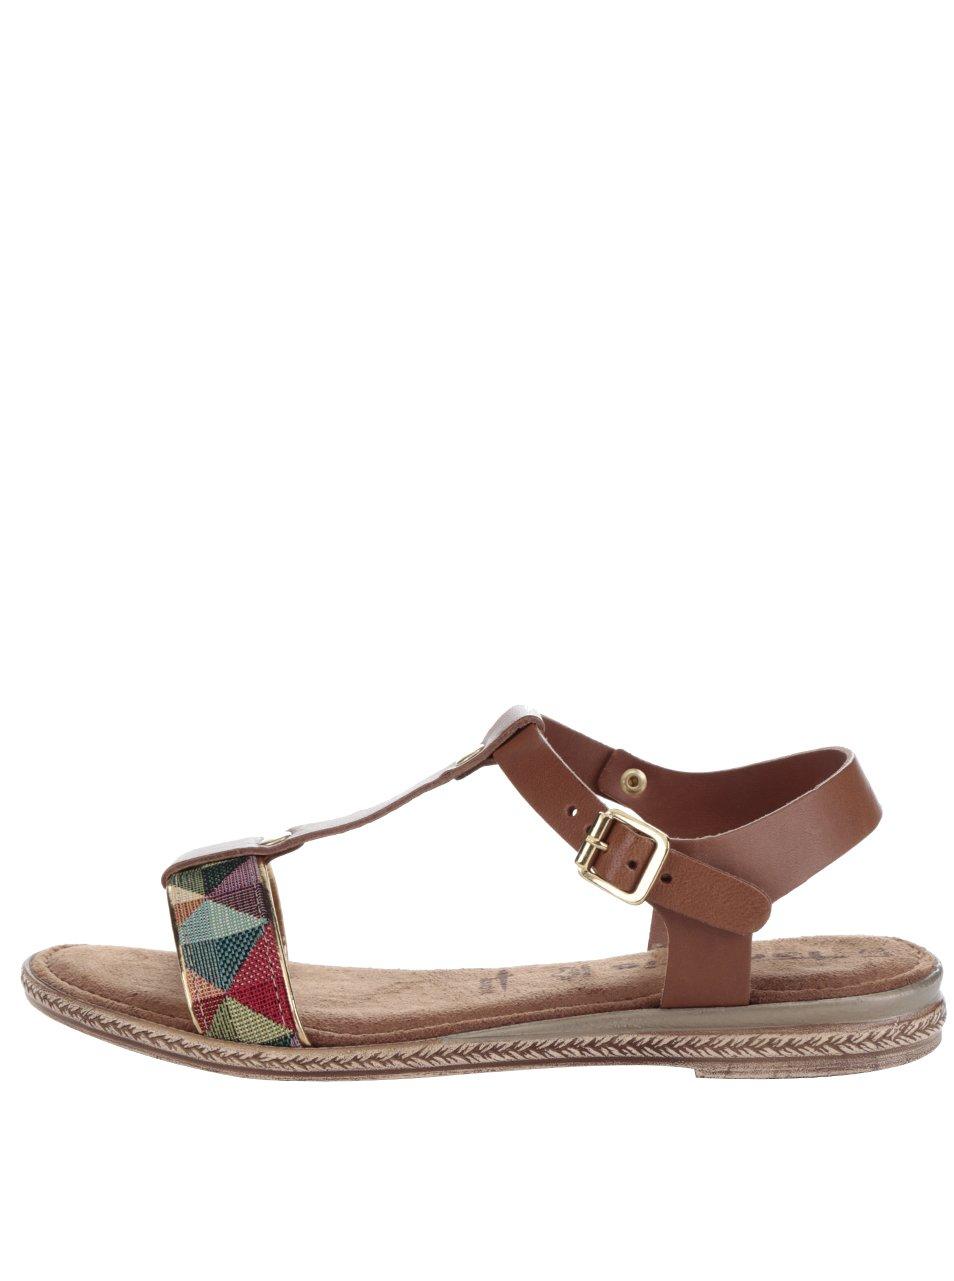 Hnědé kožené sandály se vzorovaným páskem Tamaris